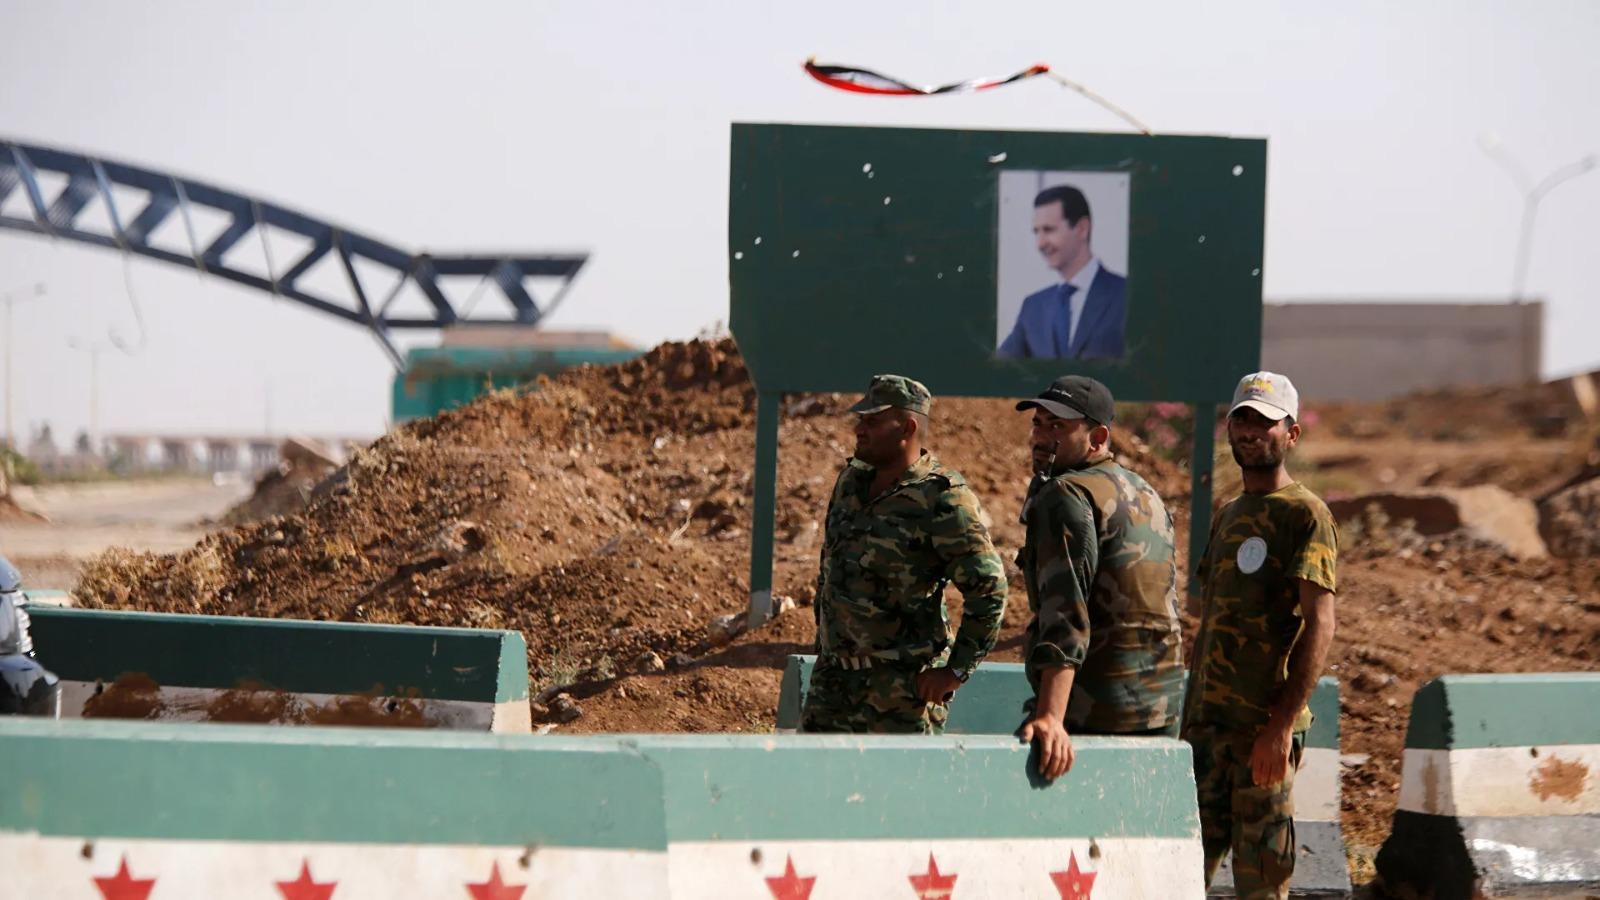 Ürdün ve Suriye'den sınır güvenliği görüşmesi!